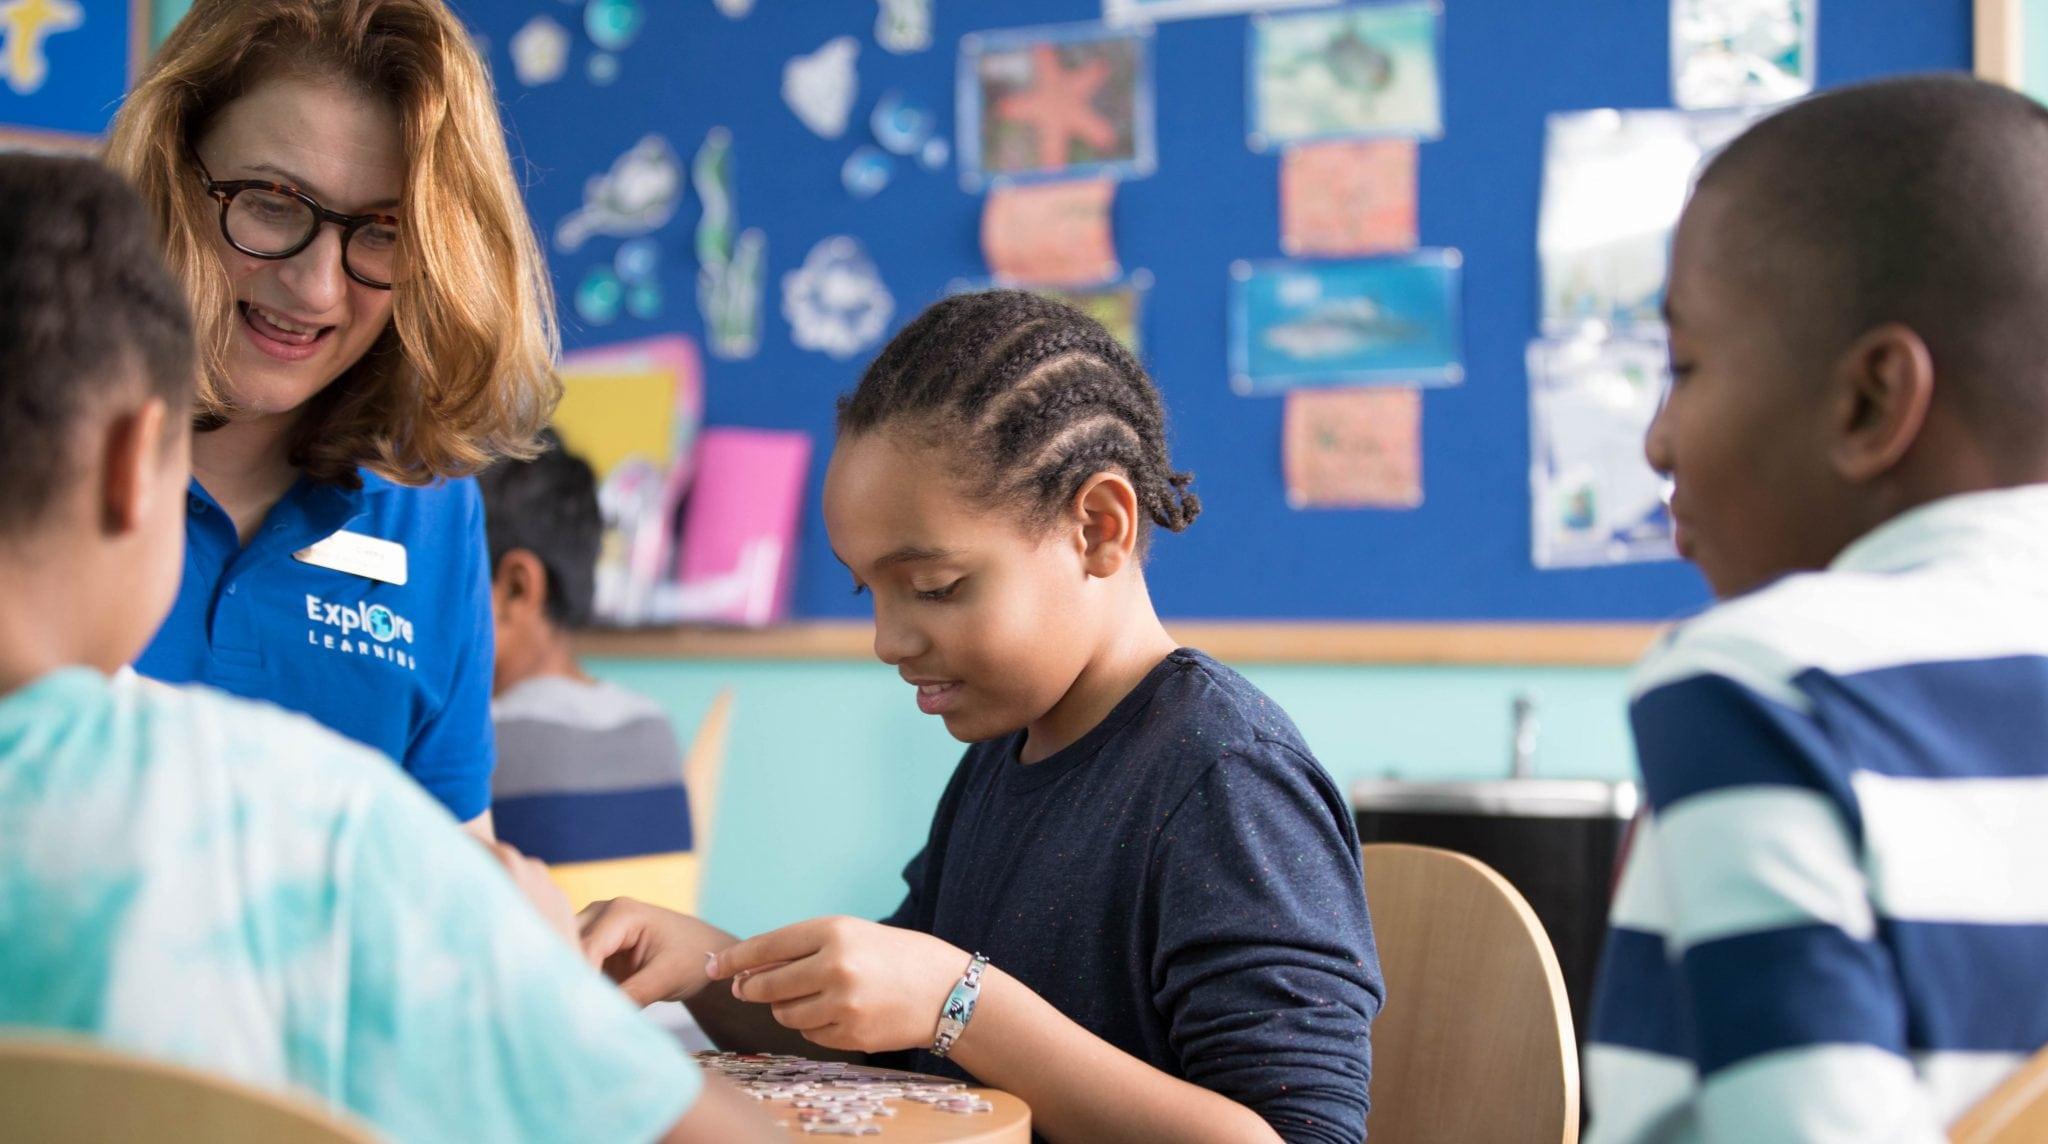 Photo of children and tutor